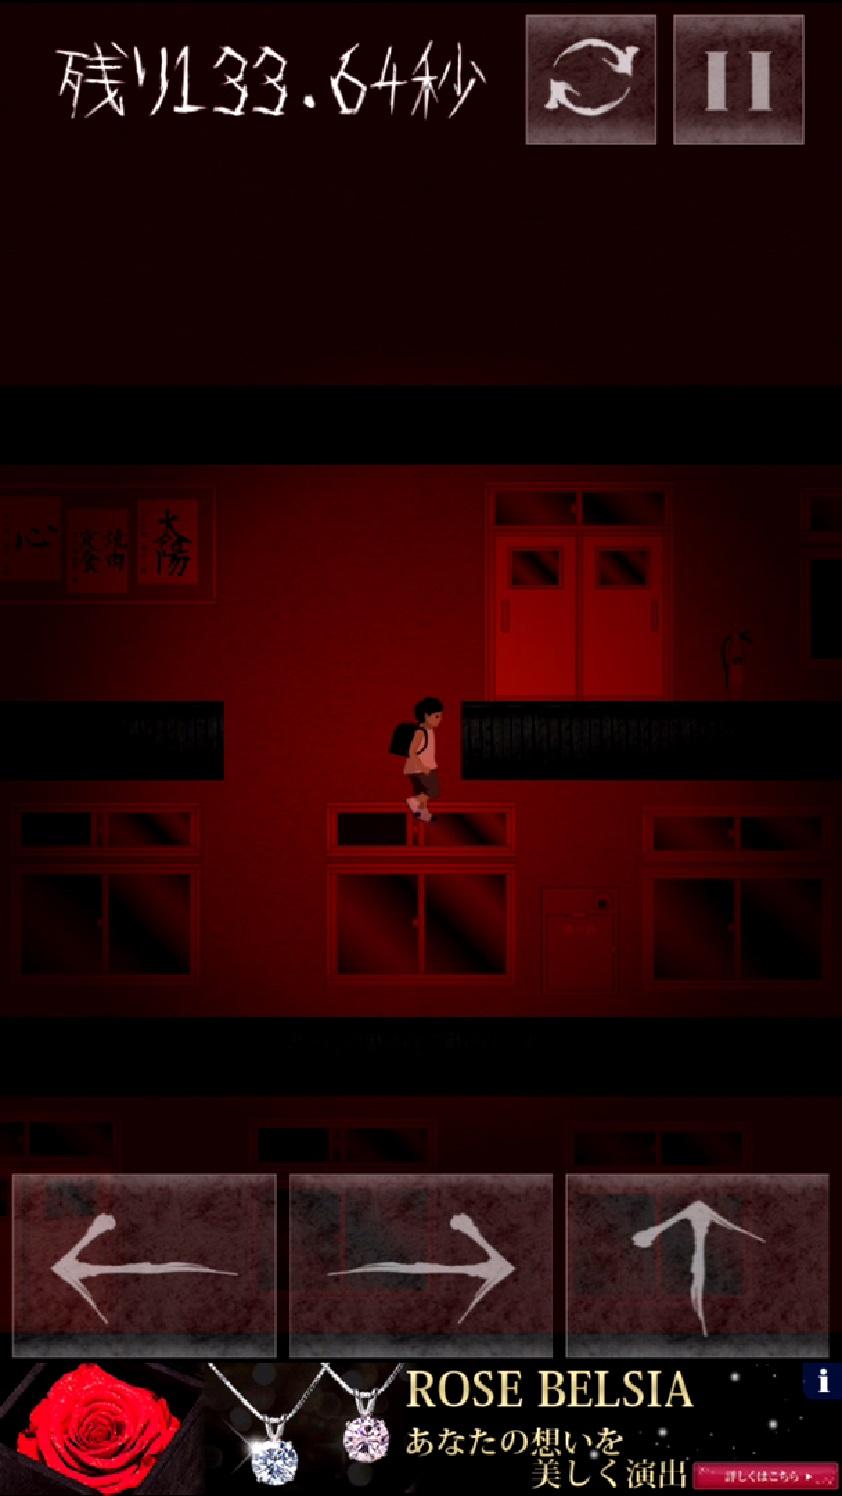 androidアプリ 夜の校舎で迷ったら・・・攻略スクリーンショット5